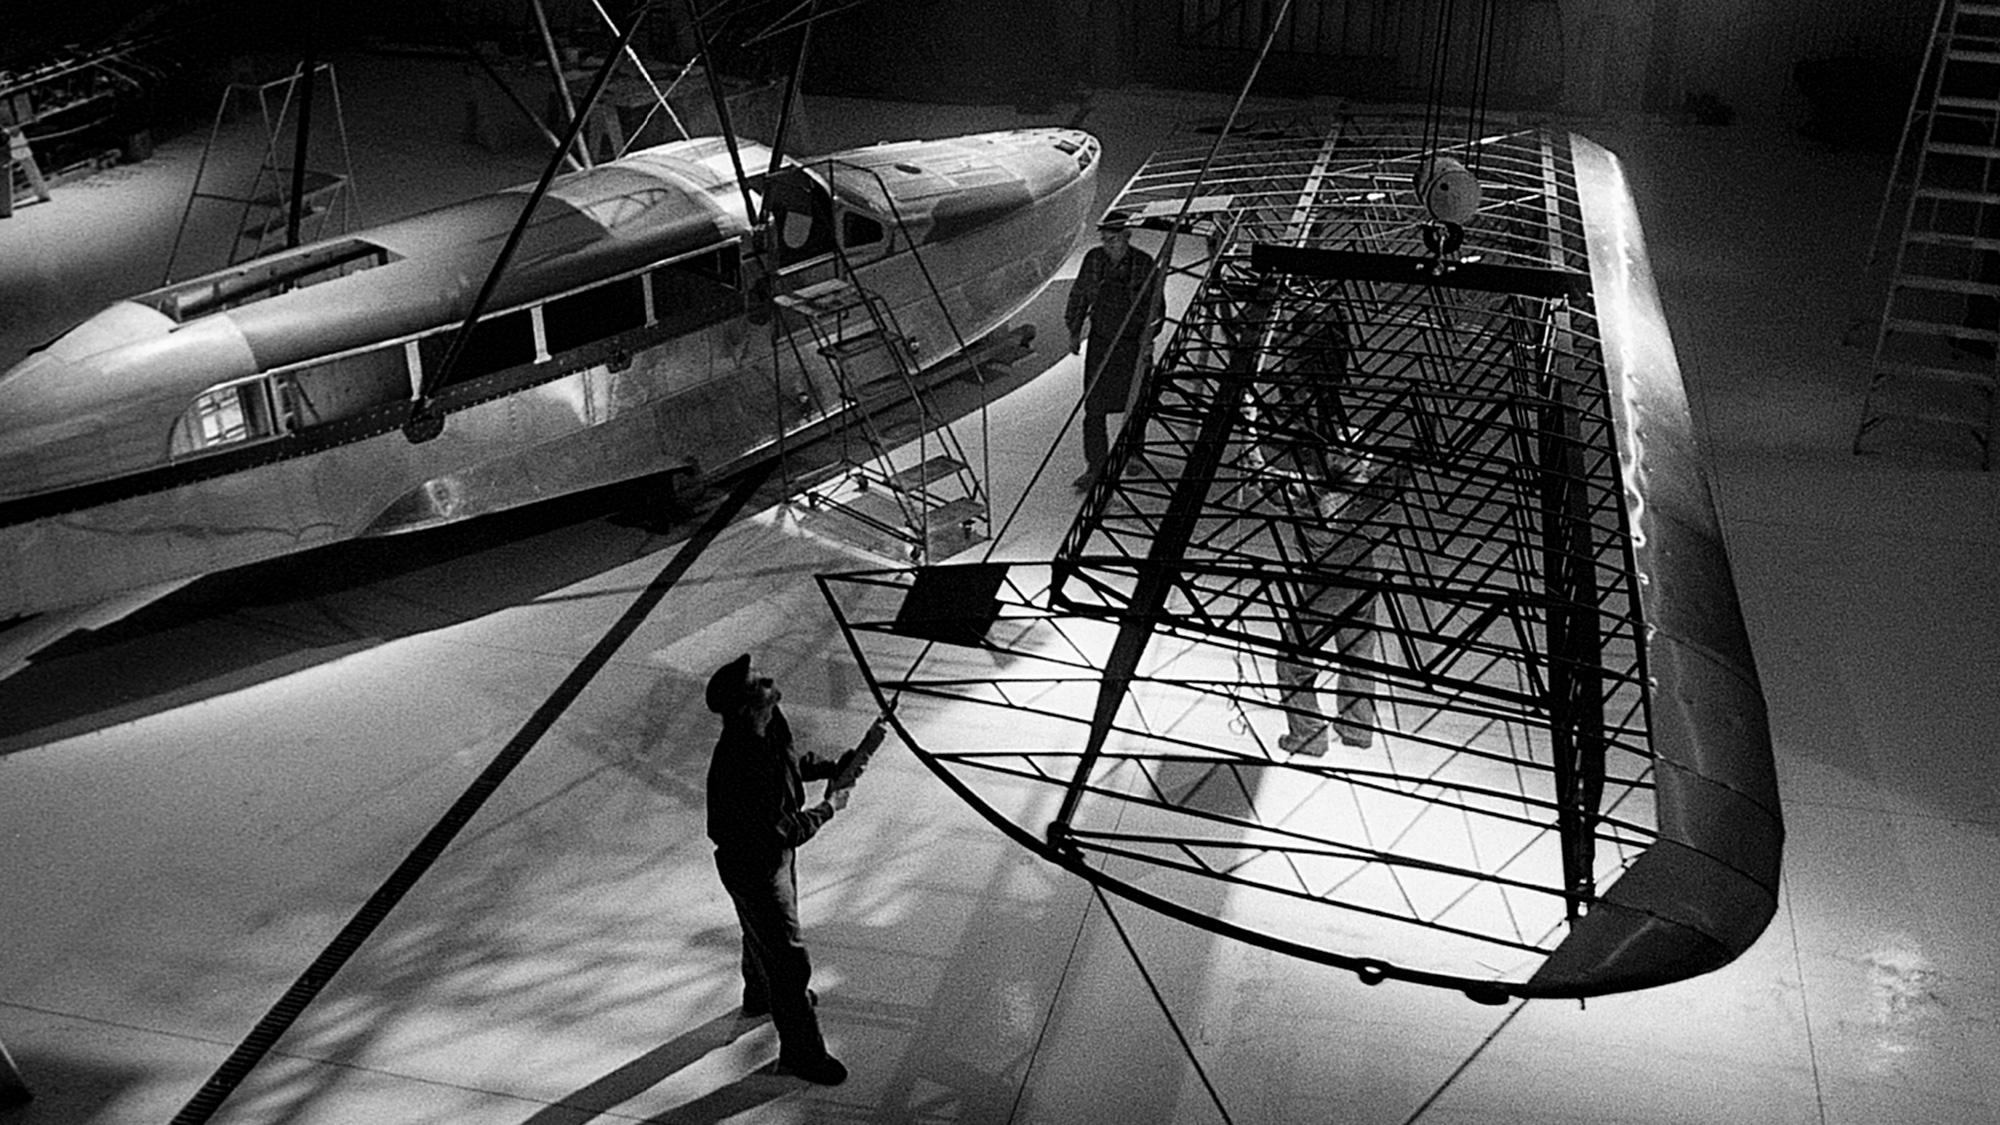 Avionul original Sikorsky S-38 utilizat de H. F. Johnson Jr. în cadrul expediției sale din 1935 de aprovizionare cu ceară de palmier carnaúba